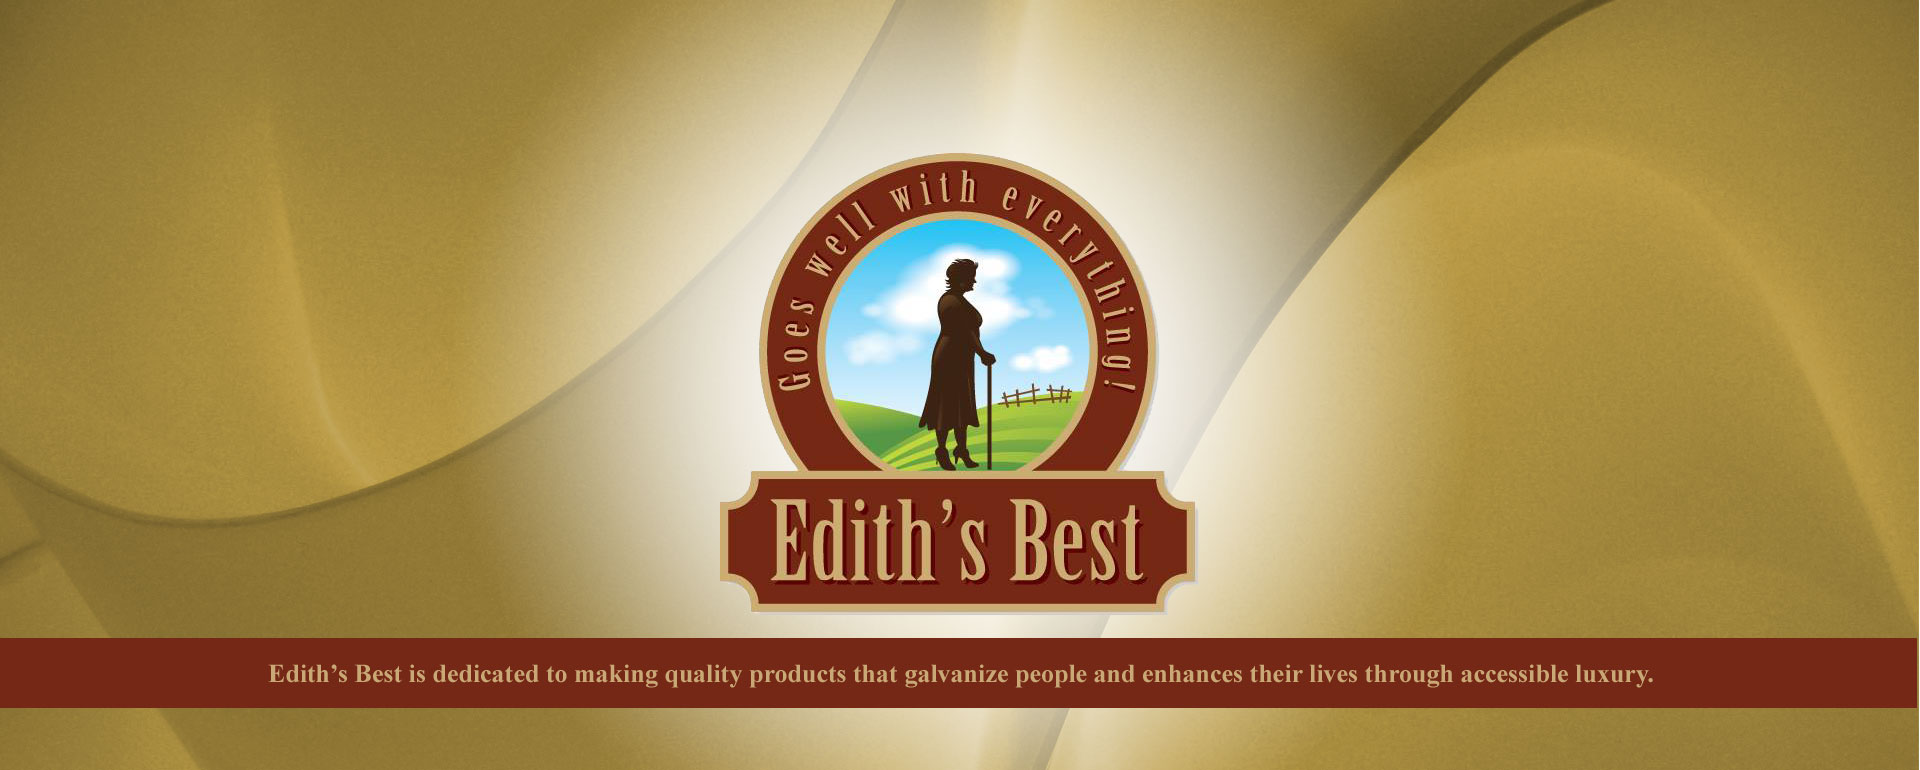 Edith's Best